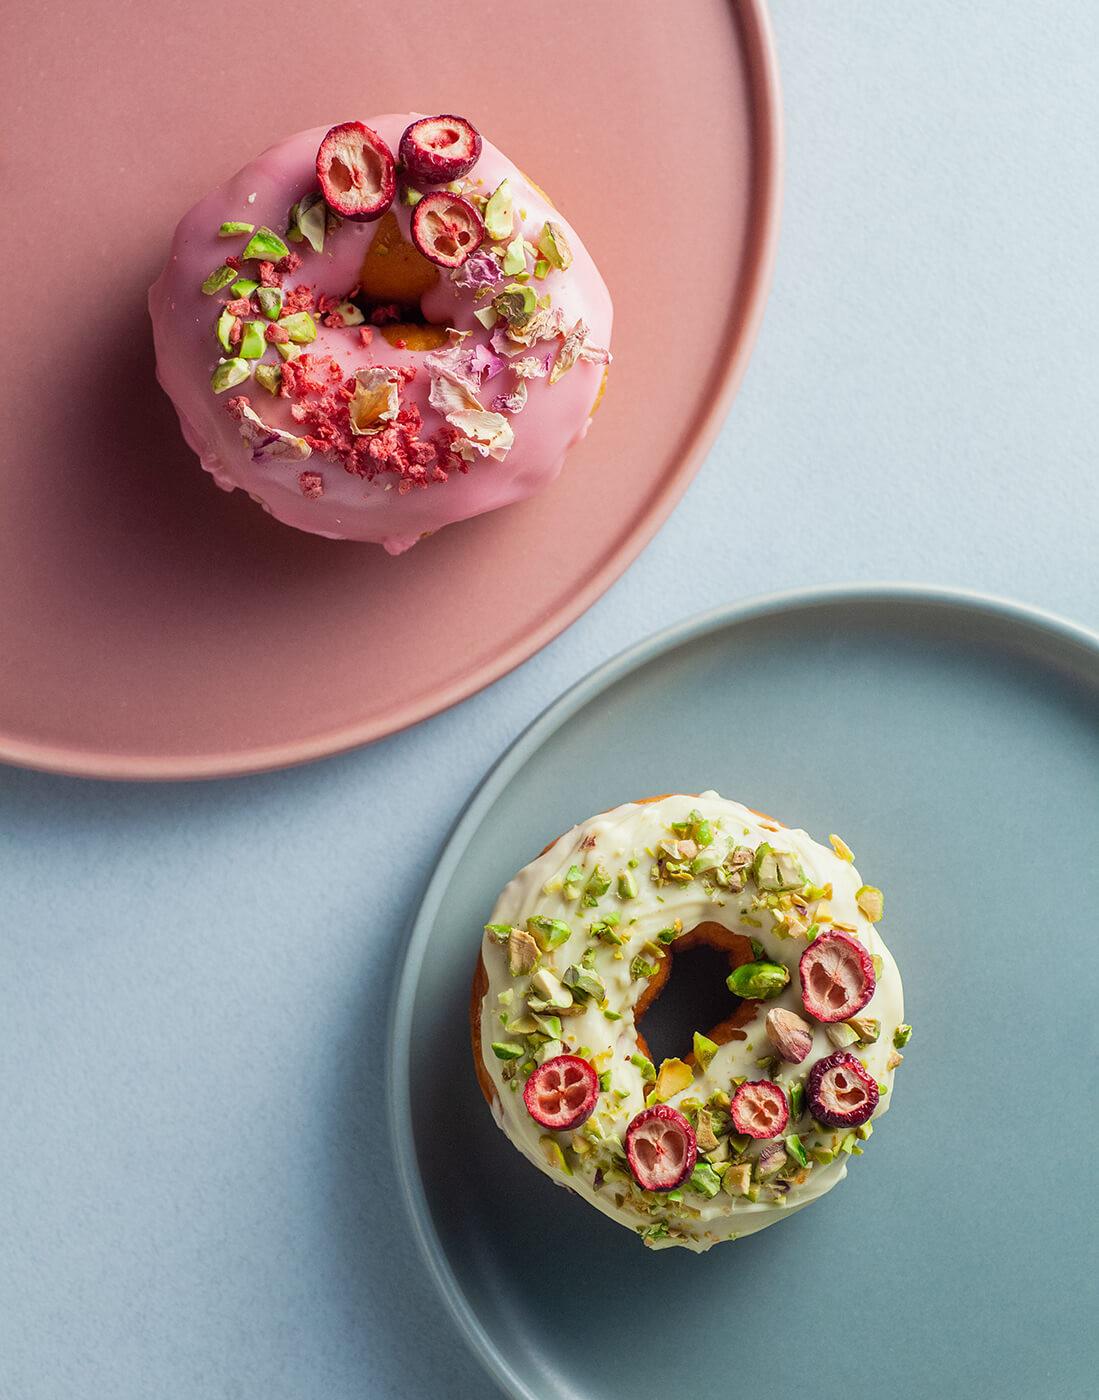 dwa donuty z kolorowym lukrem, pokruszonymi pistacjami i suszonymi owocami